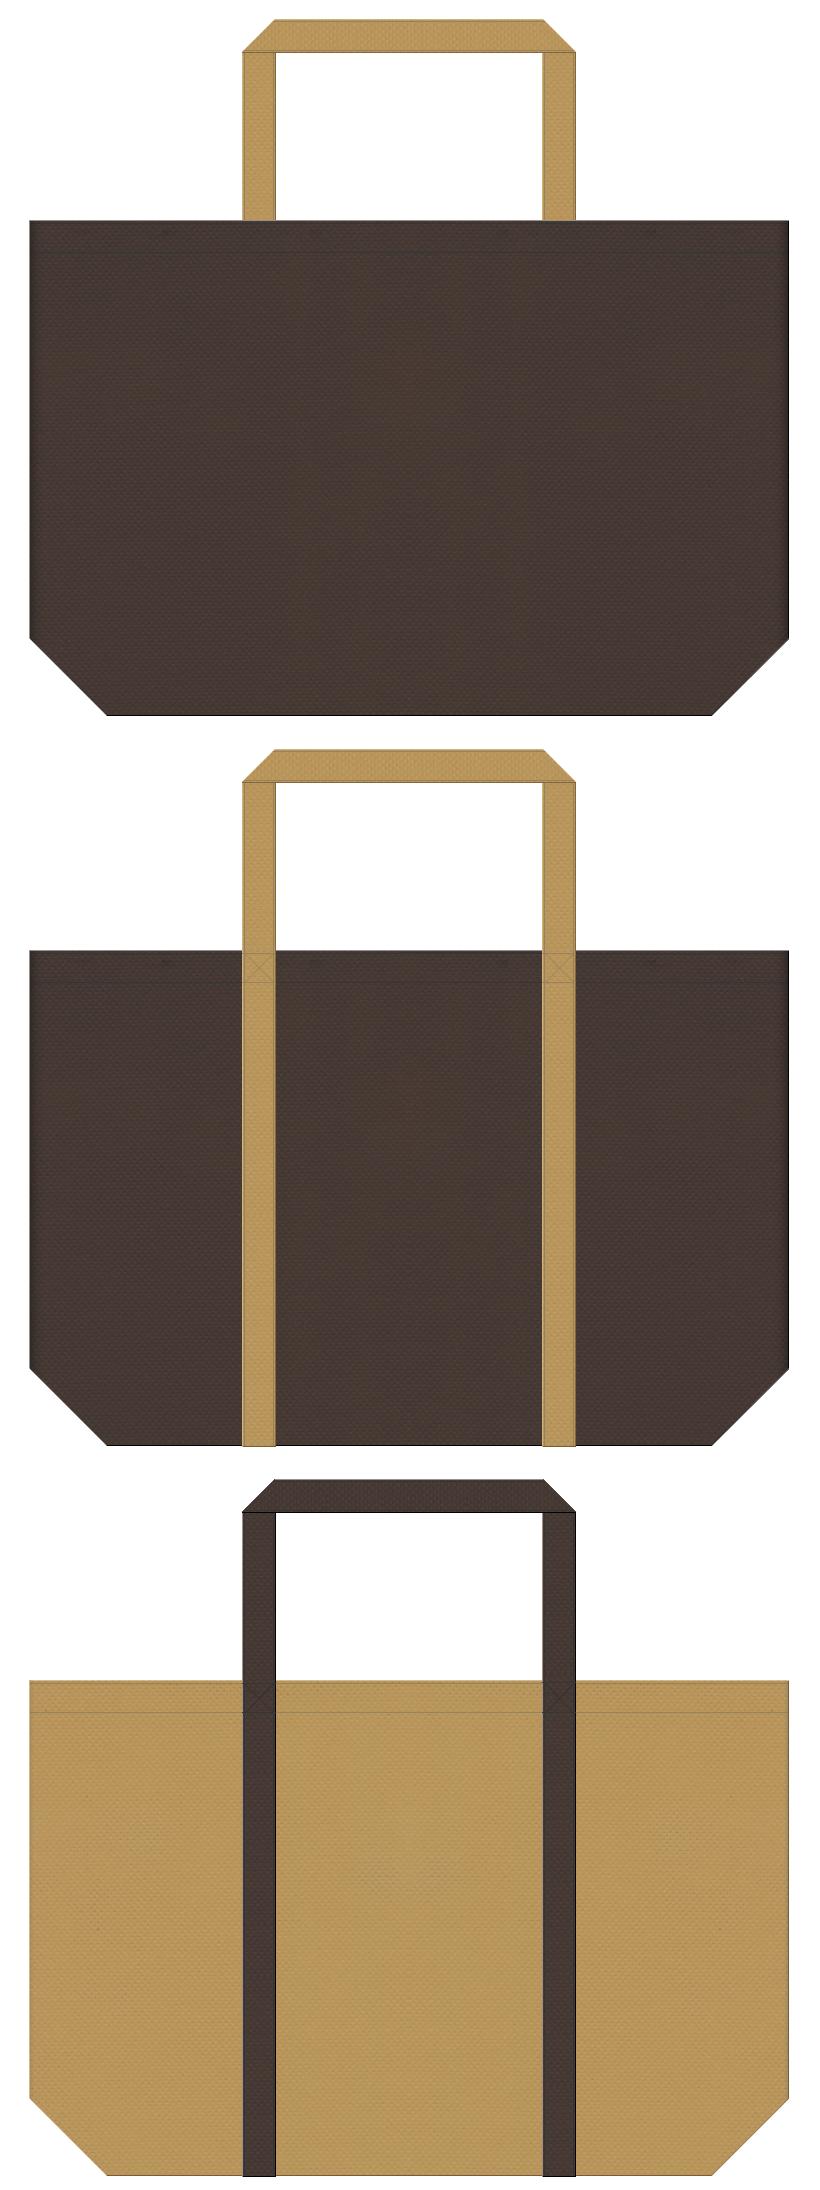 こげ茶色と金色系黄土色の不織布バッグデザイン。石釜パン風の配色で、ベーカリーショップにお奨めです。